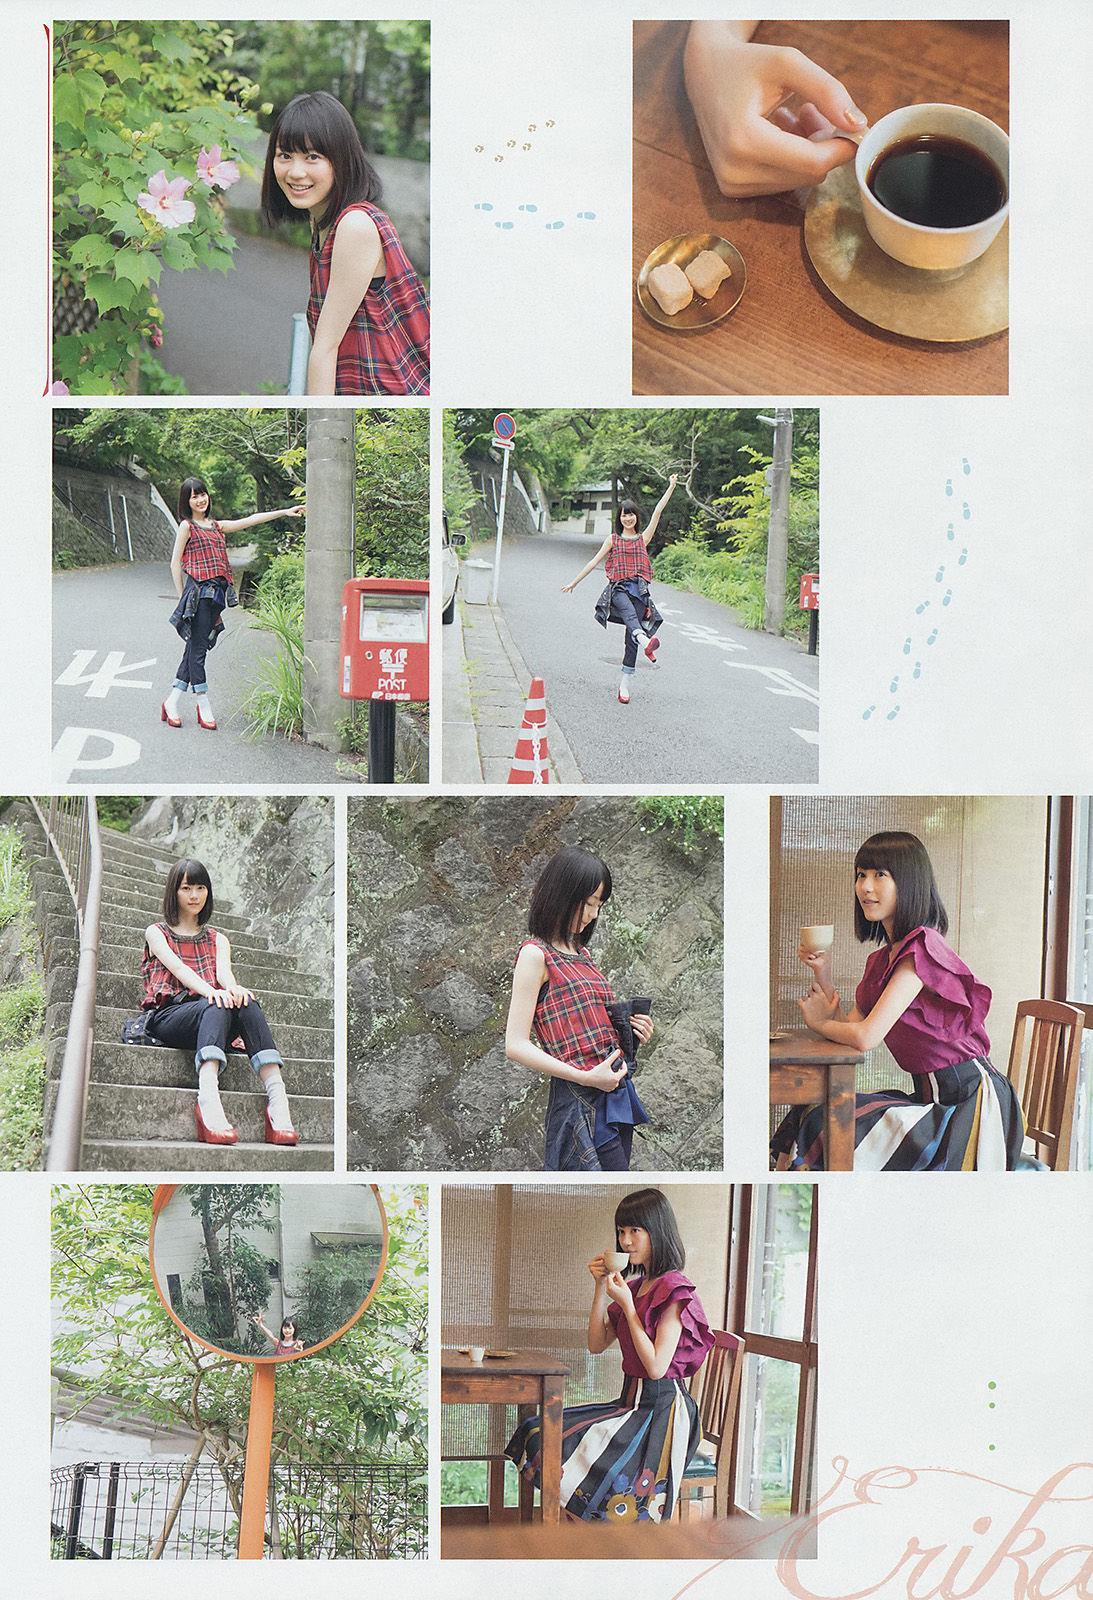 生田絵梨花 画像 52